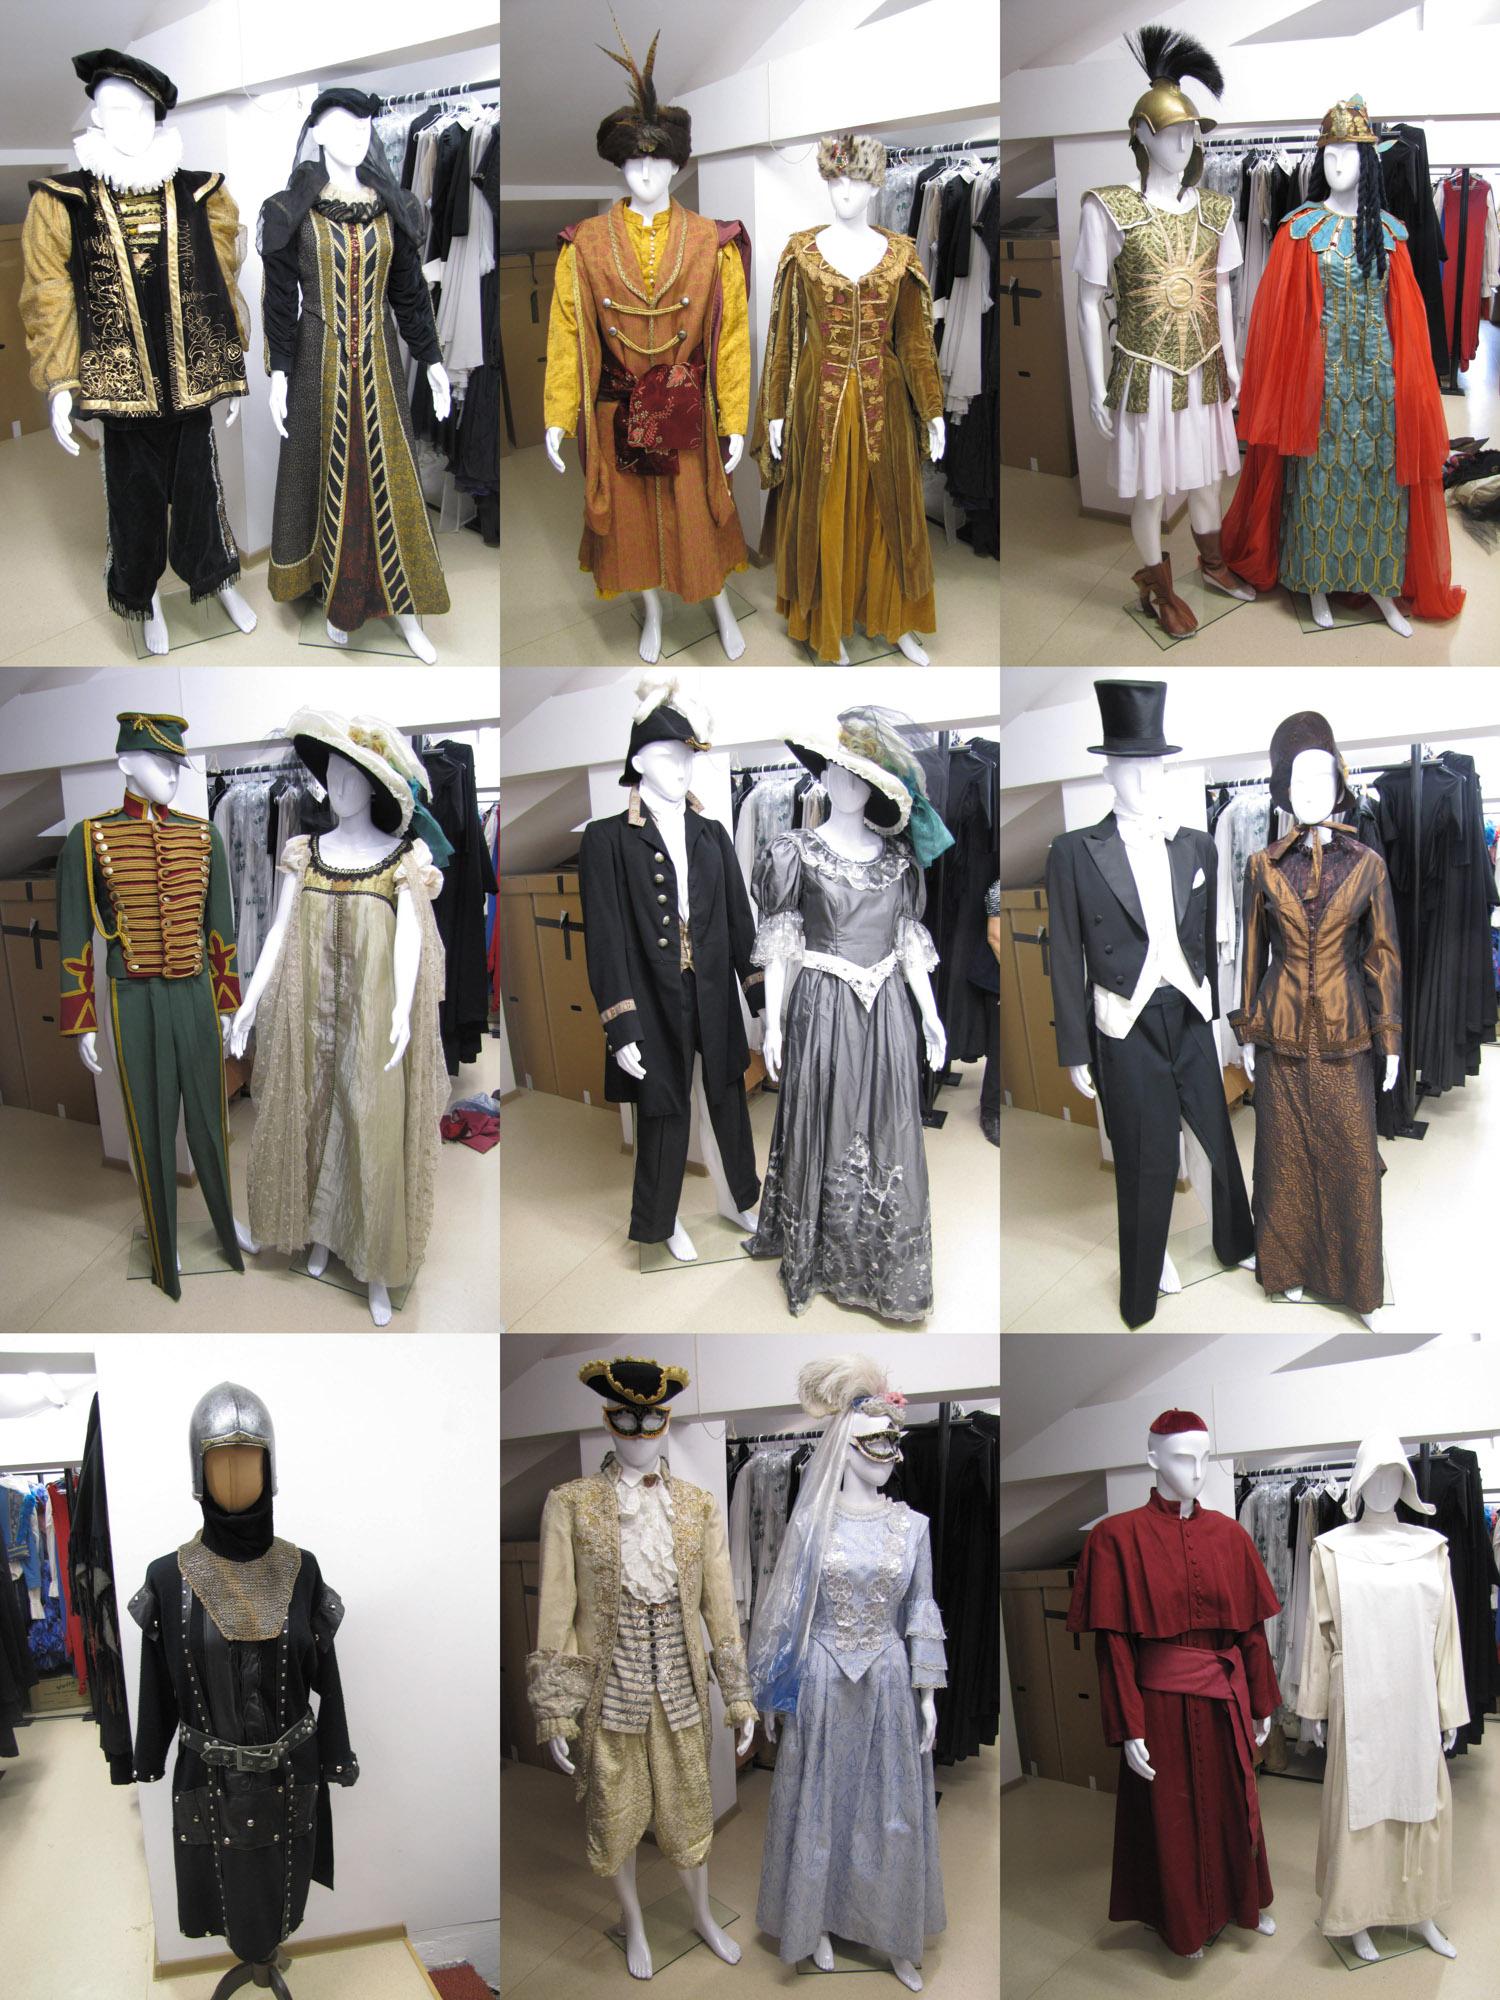 670f12bd52e41 Wypożyczalnia kostiumów